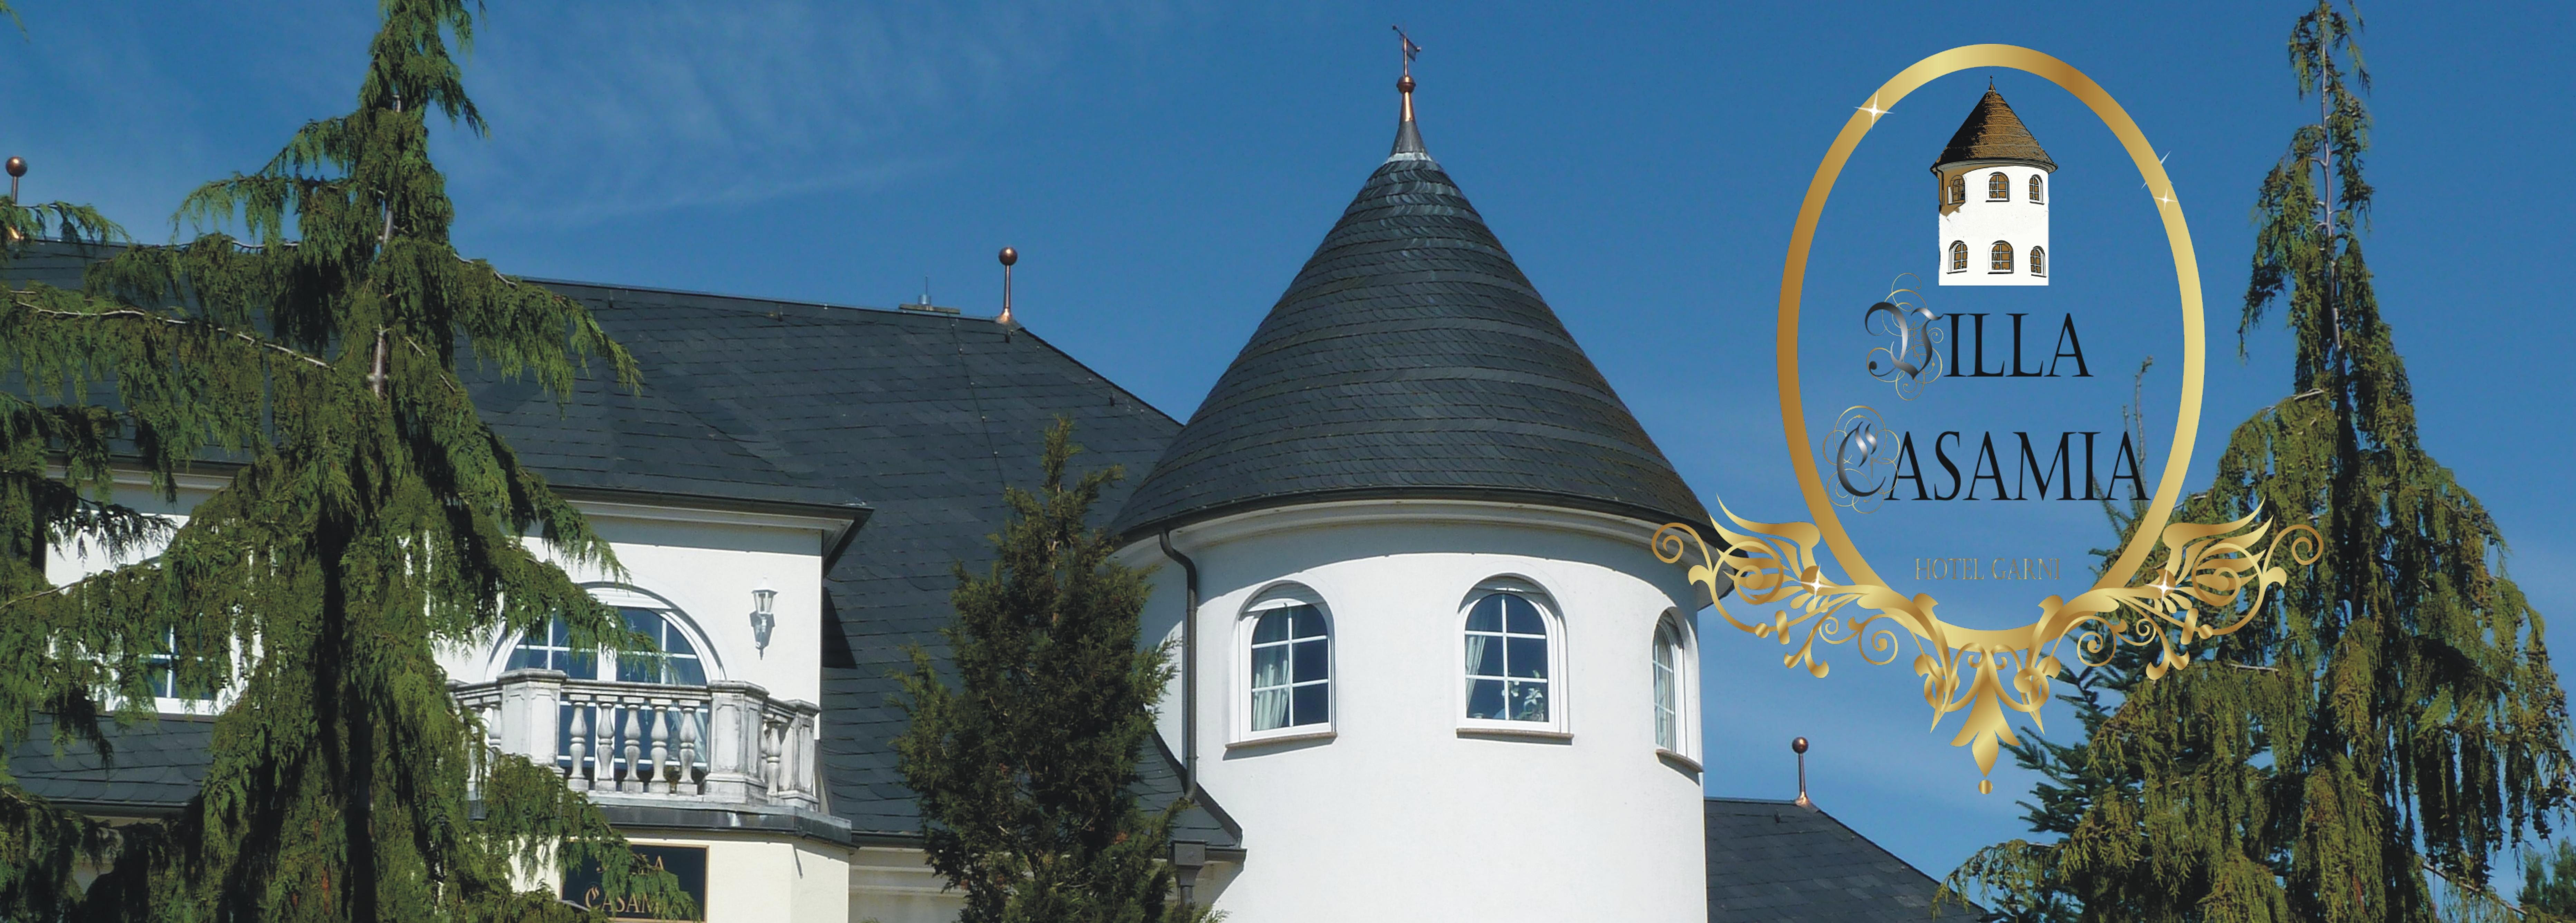 Villa Casamia -  Hotel Schmalkalden